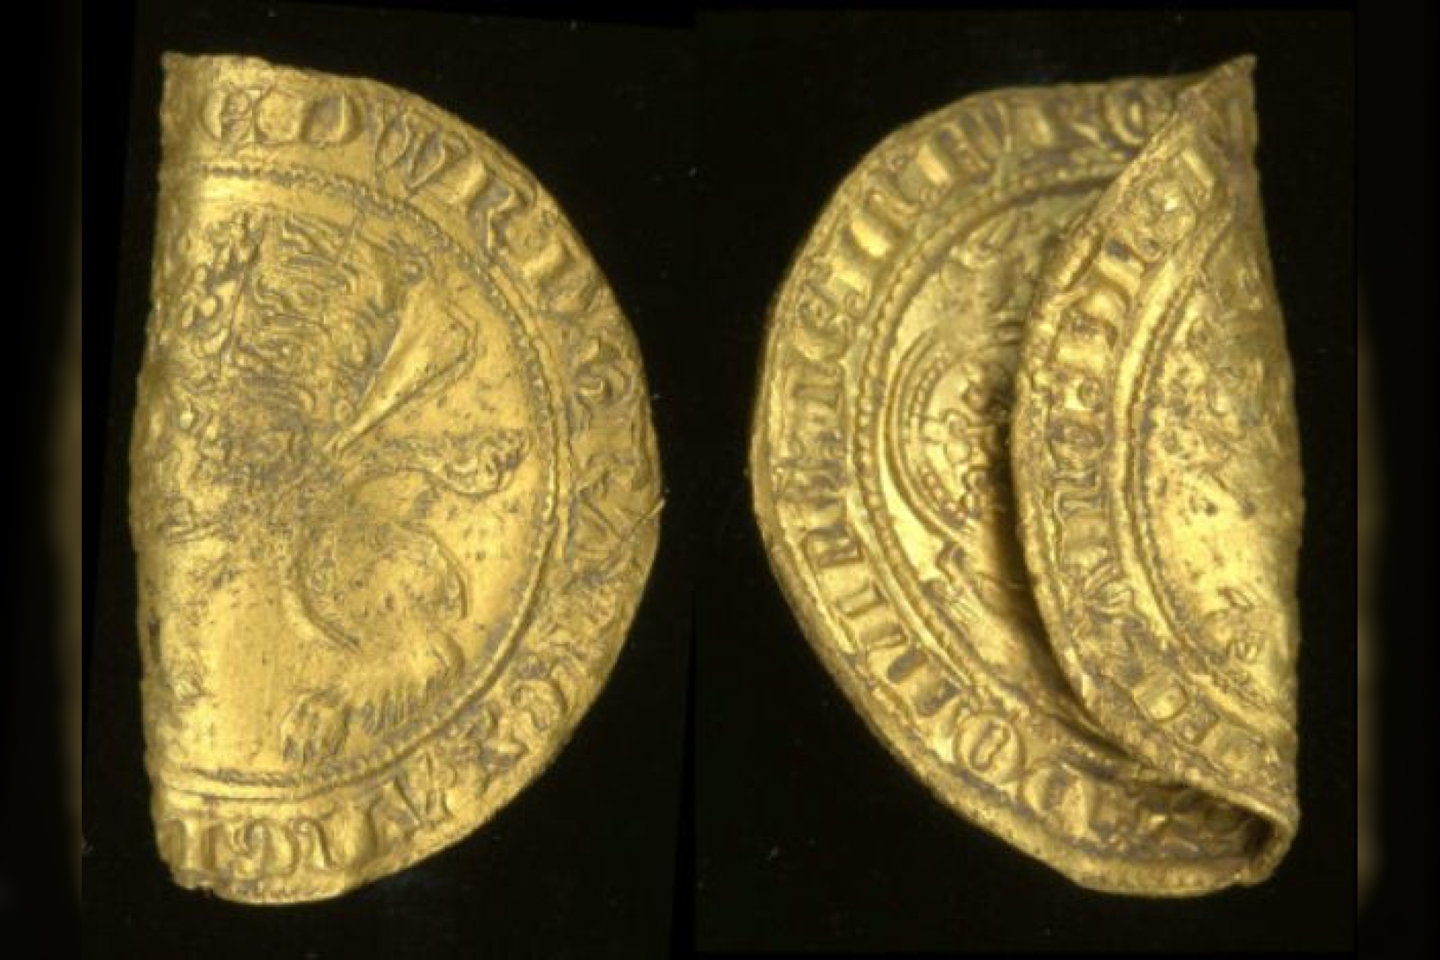 Metalo detektoriaus savininkas anglijoje atrado dvi retas auksines monetas, kurios datuojamos XIV amžiaus viduriu – tais laikais, kai šalį niokojo Juodoji mirtis.<br>Britų muziejaus nuotr.